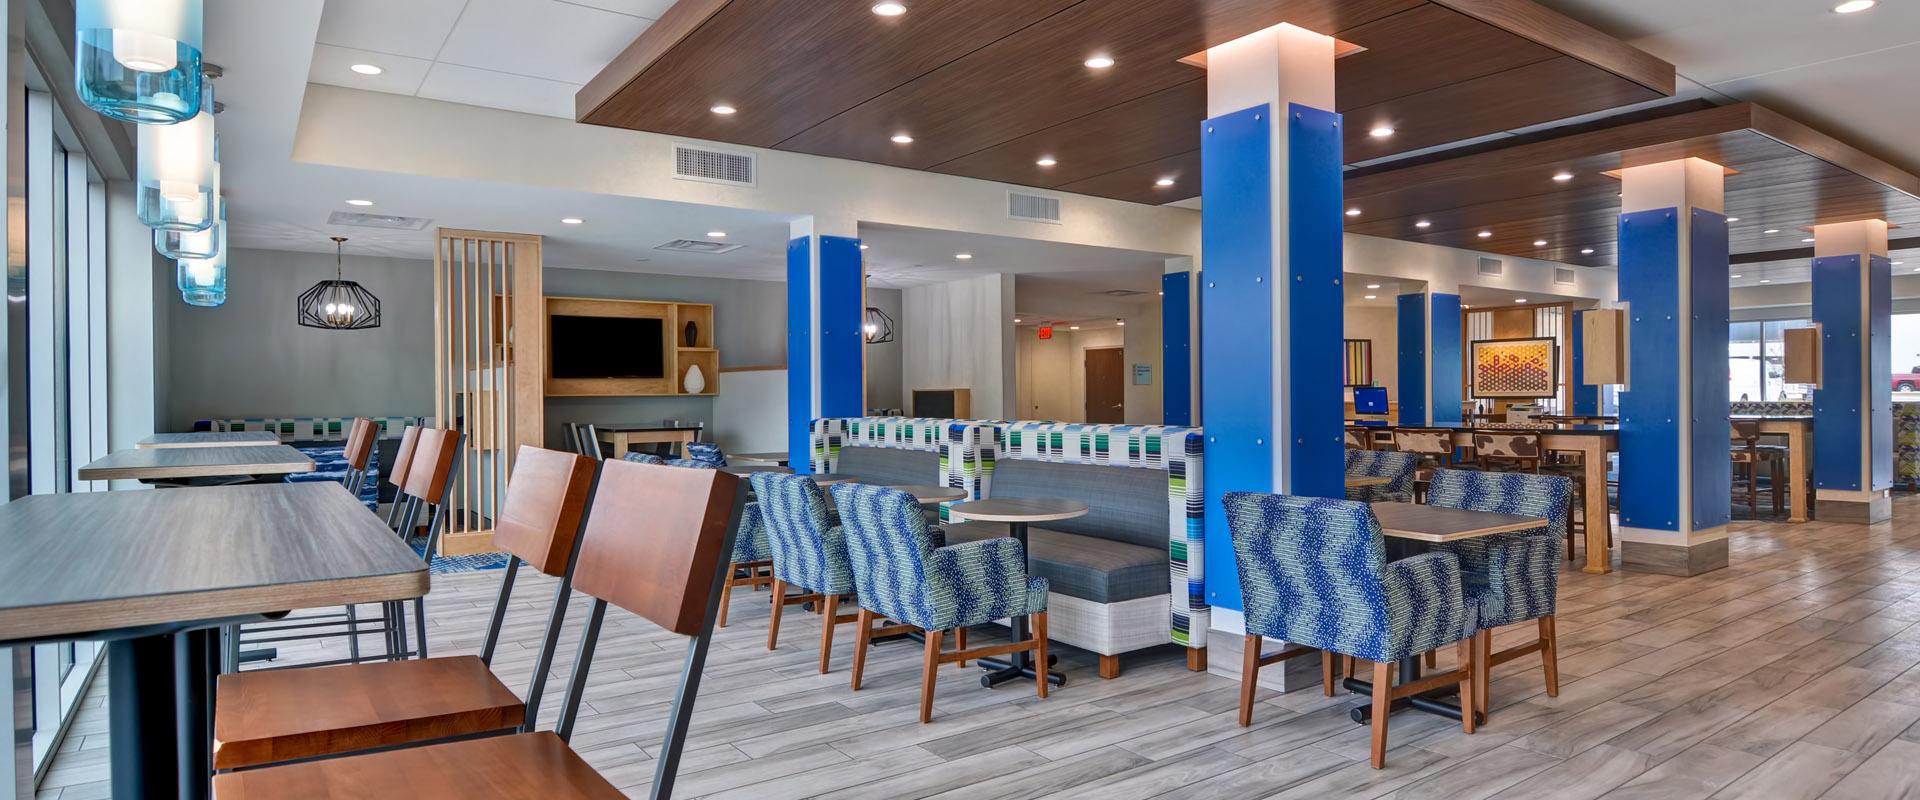 Holiday Inn Express Greenville - Restaurant